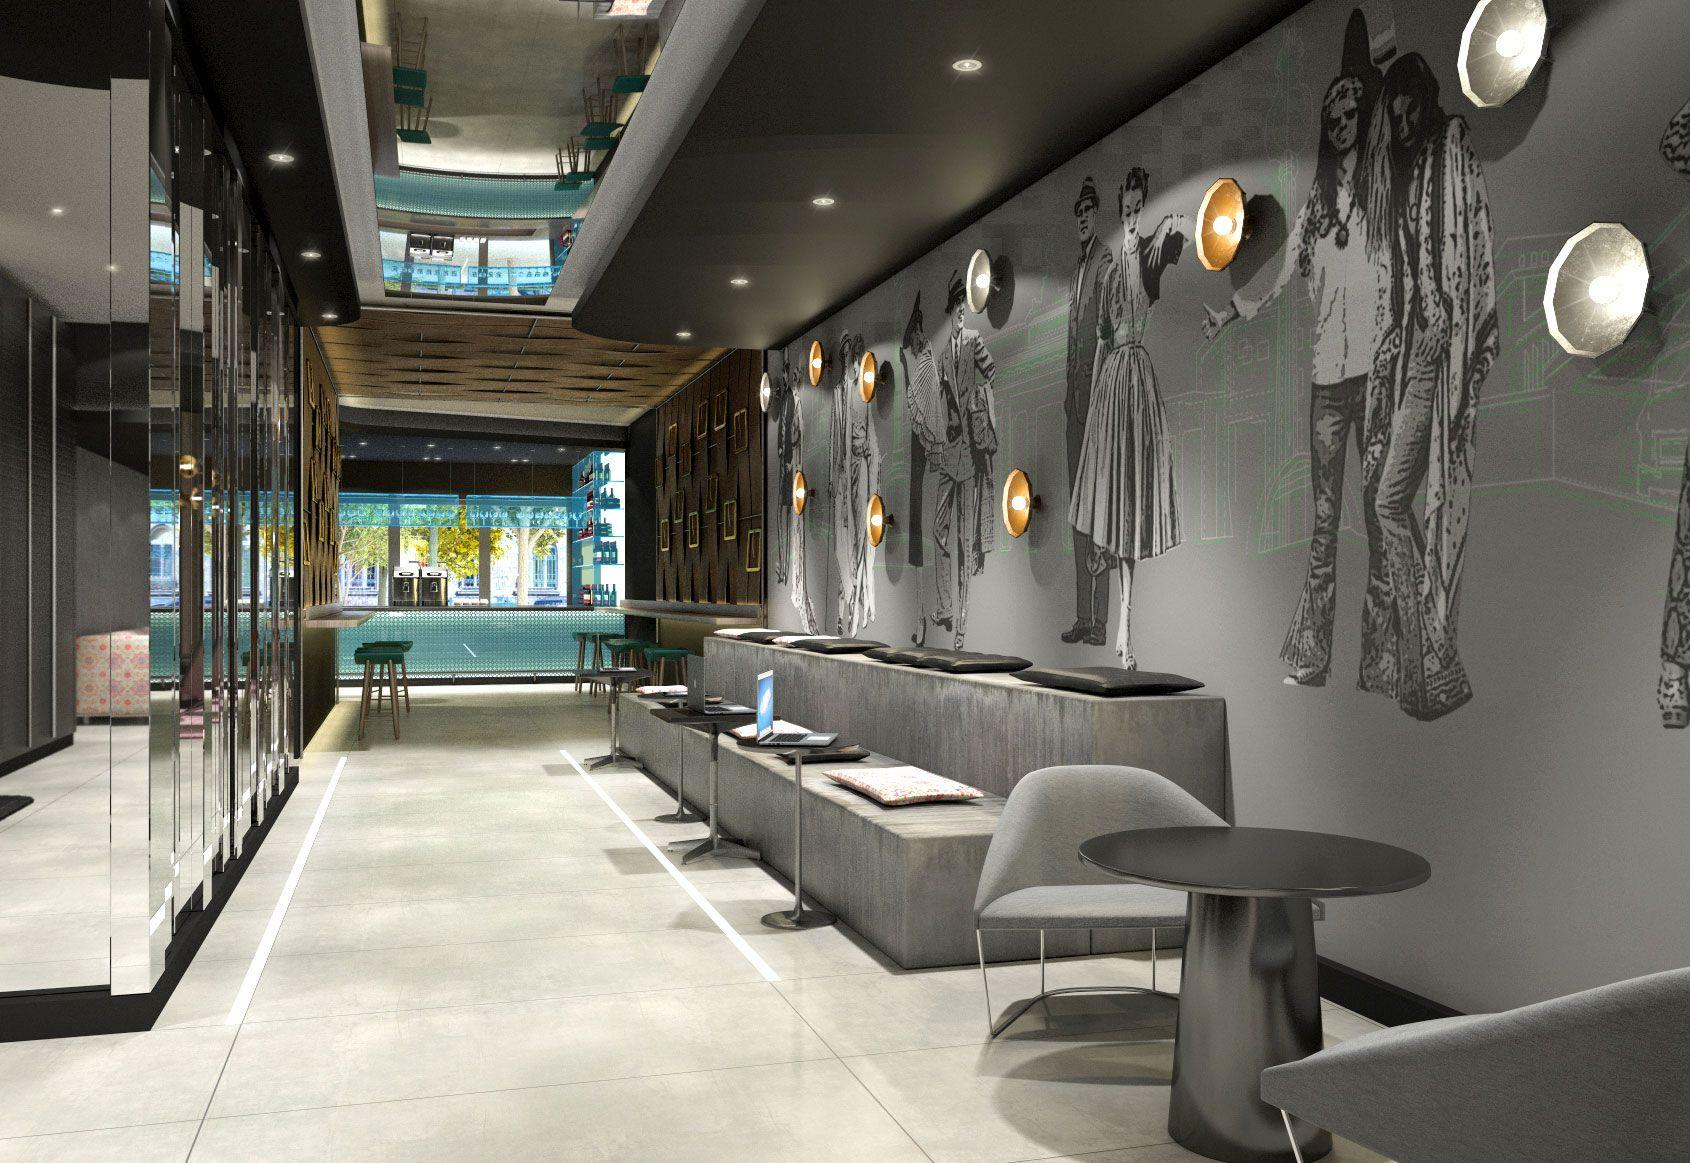 Hotel Mercure Wittenbergplatz Interior Design by Kitzig Interior ...